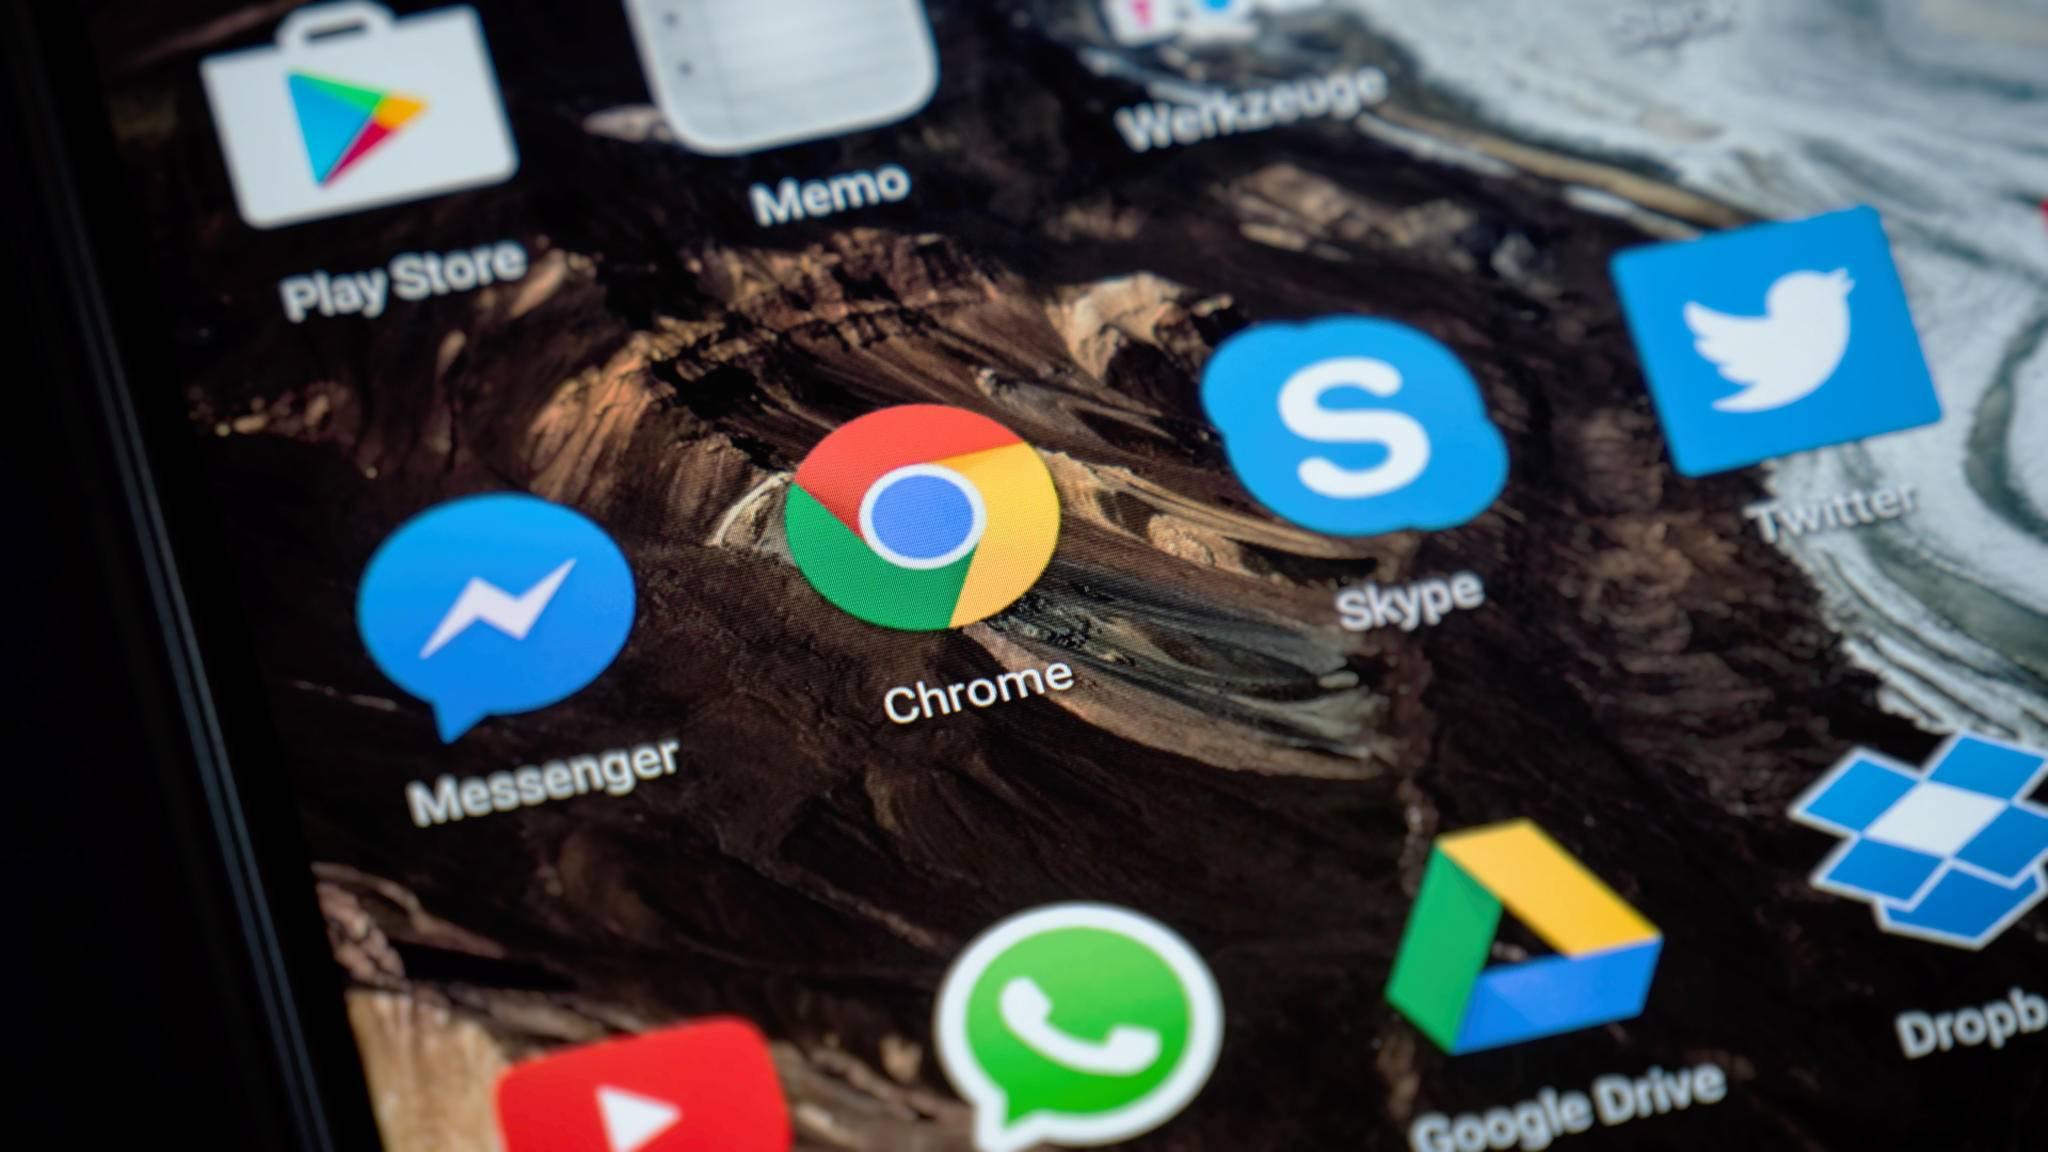 In Chrome lassen sich Passwörter systemübergreifend synchronisieren.